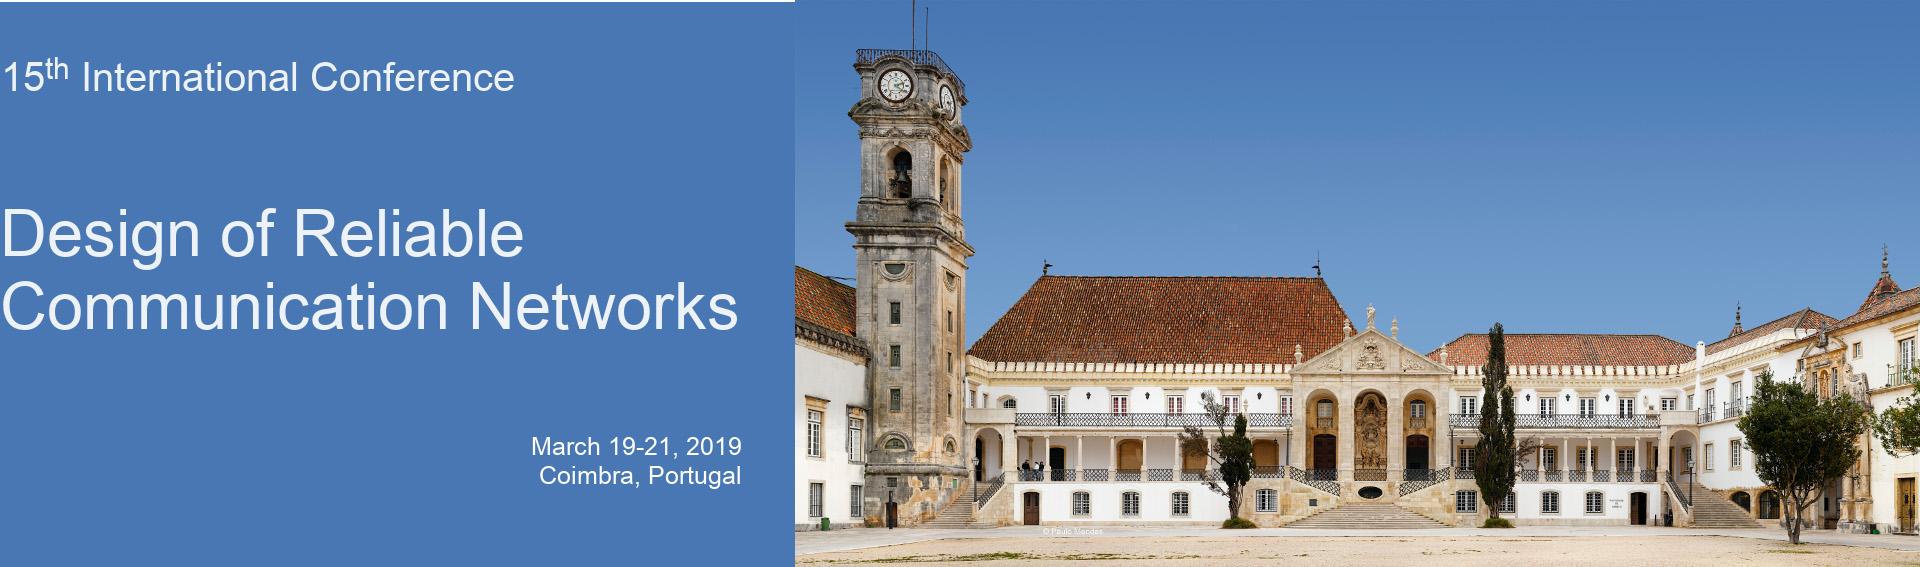 DRCN 2019 - Coimbra